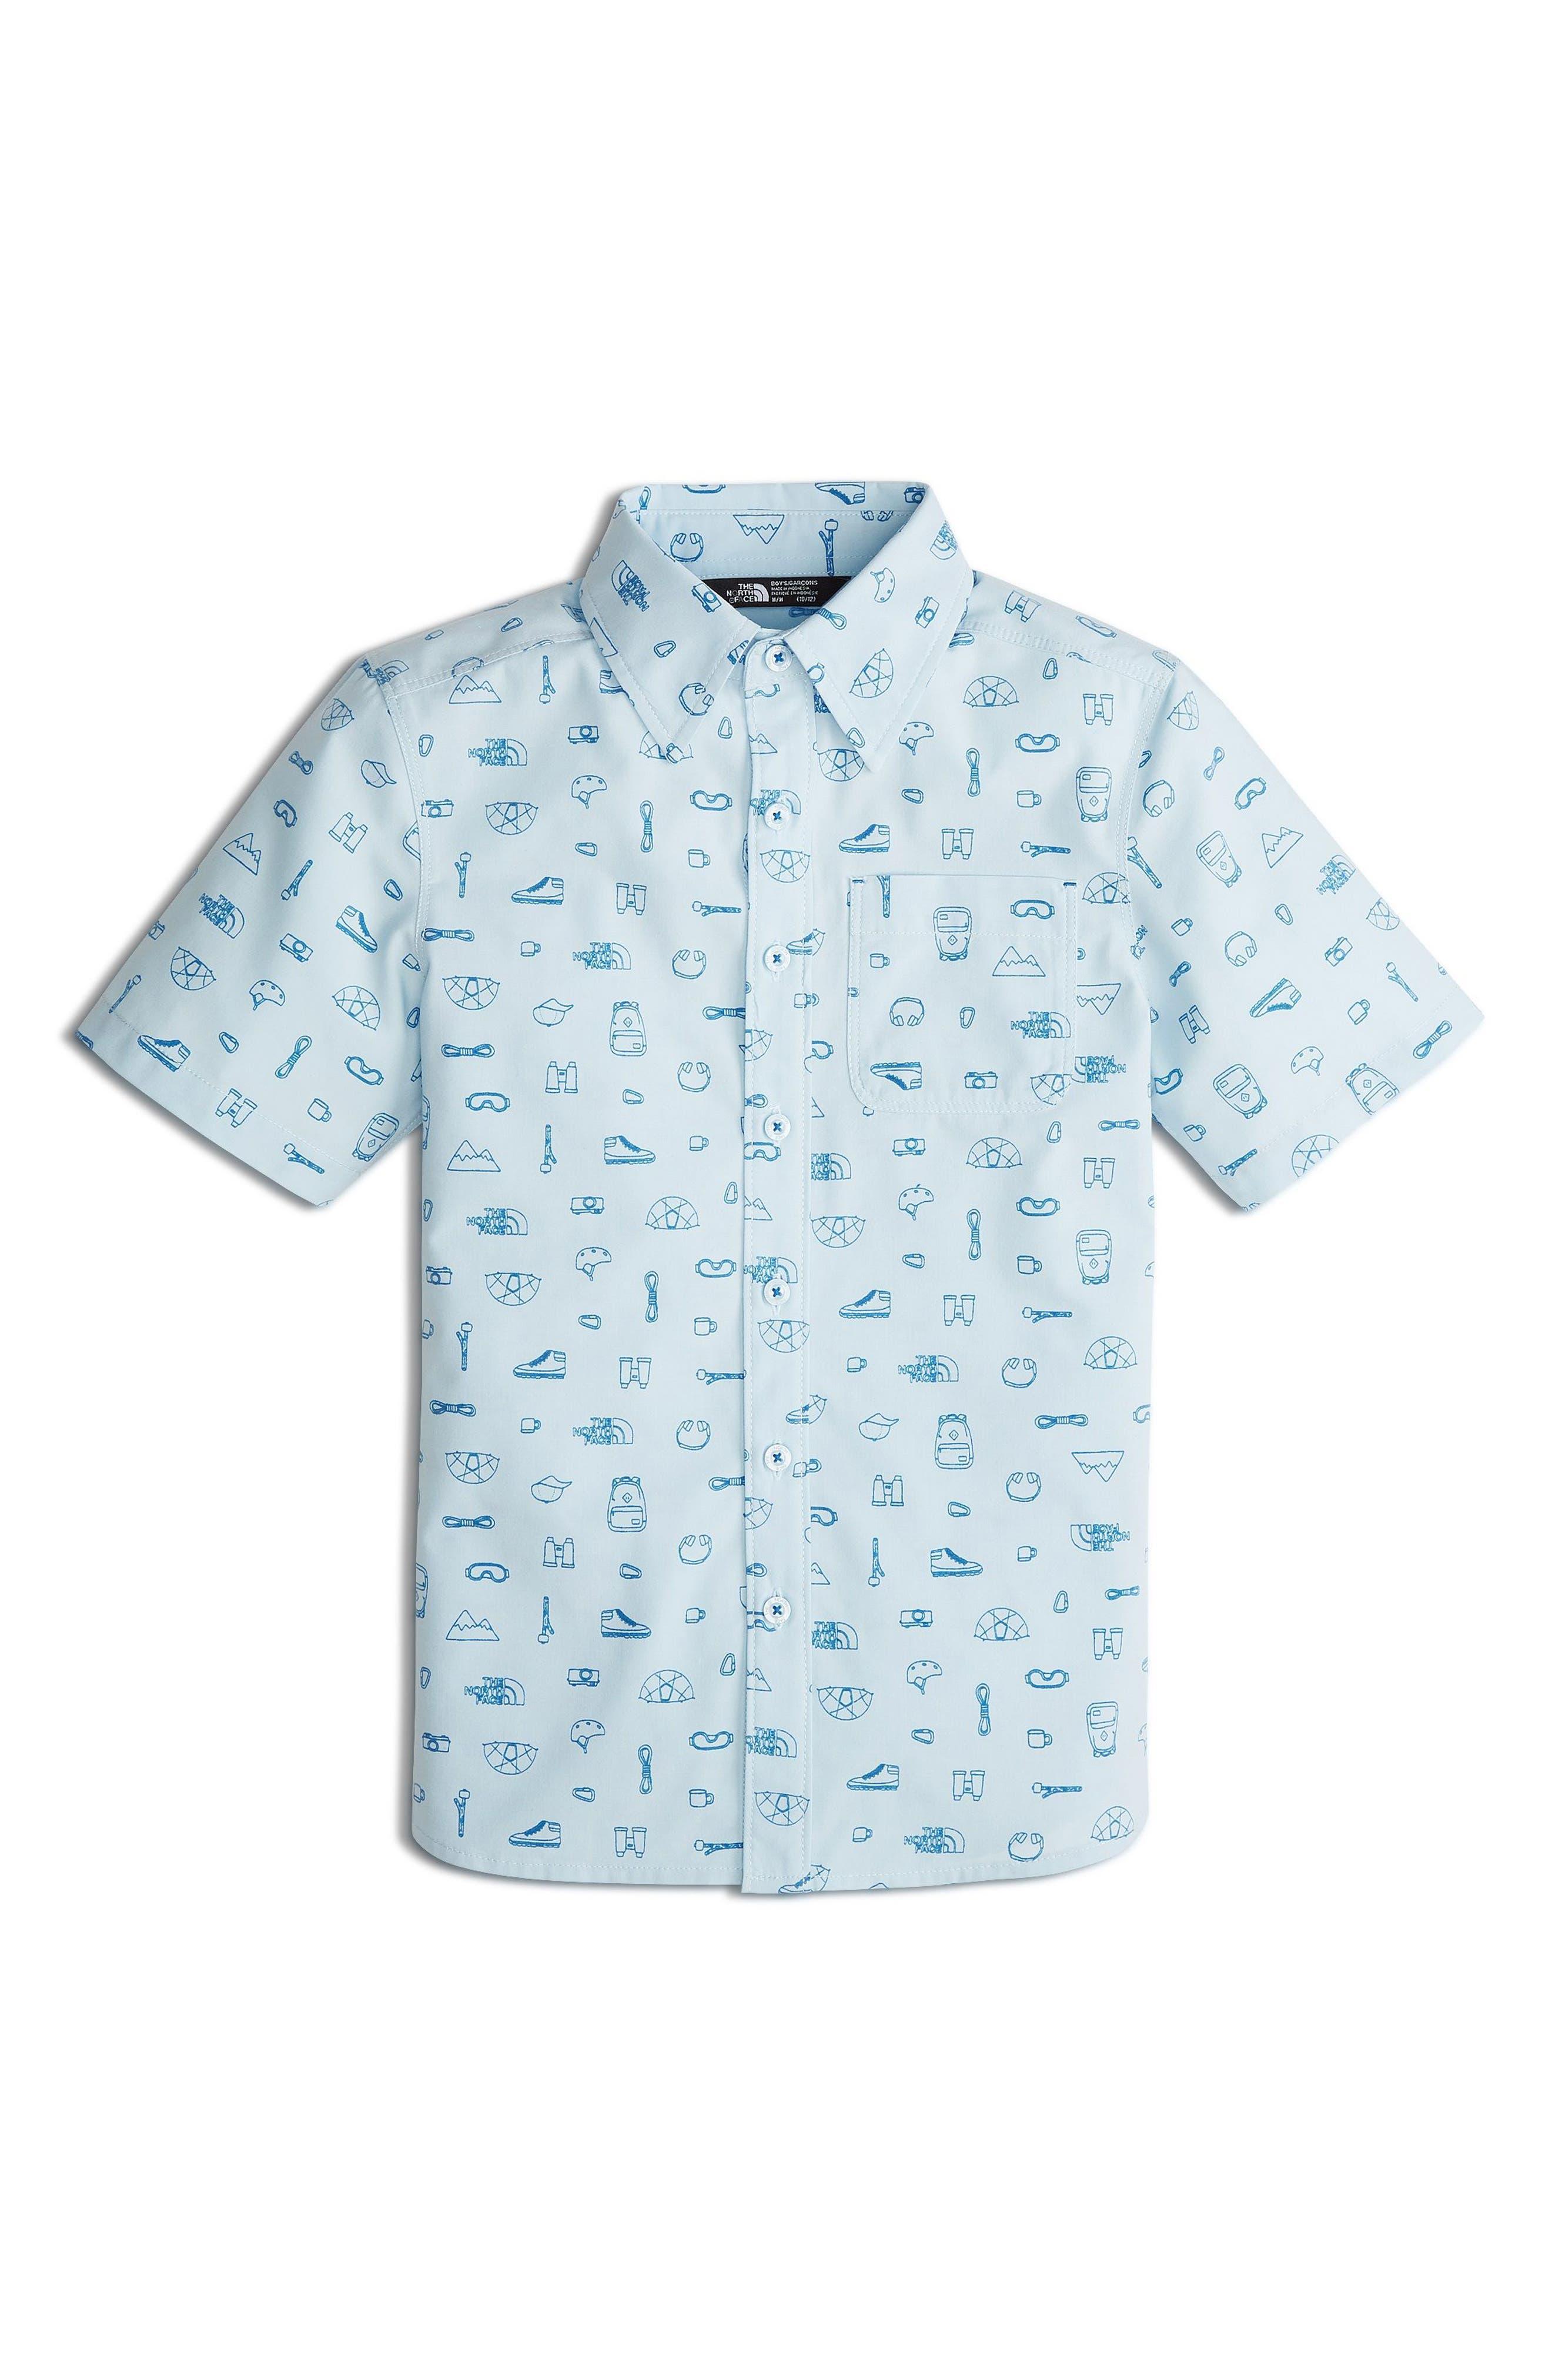 Pursuit Print Woven Shirt,                         Main,                         color, Pale Blue Camp Essentials